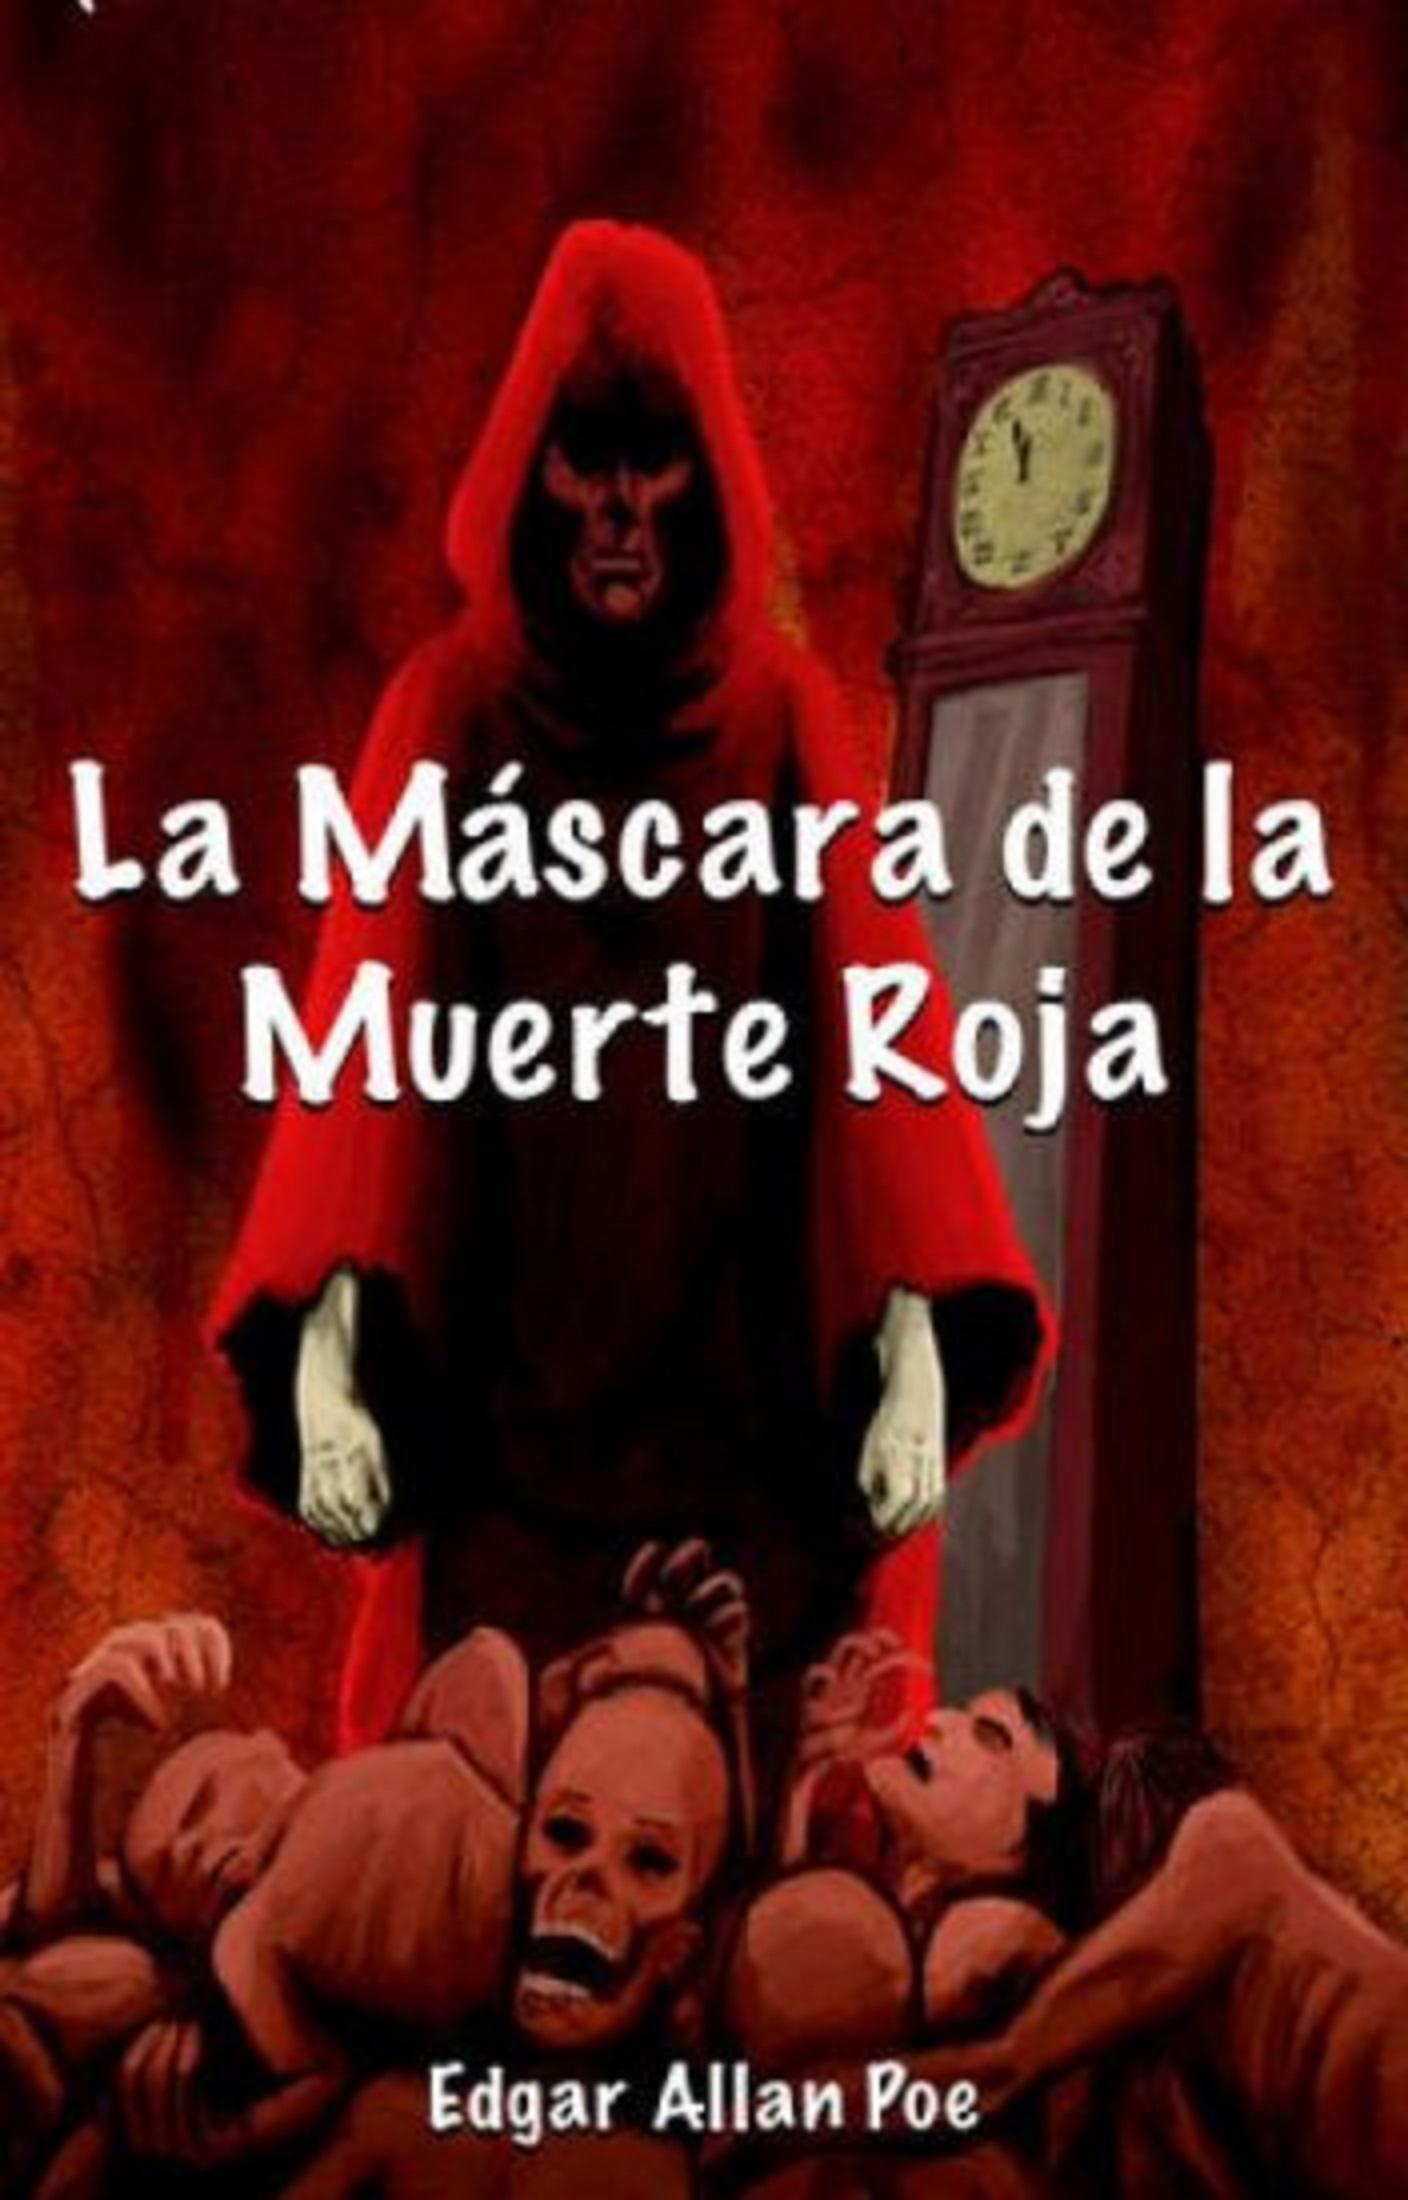 La máscara de la muerte roja reseña